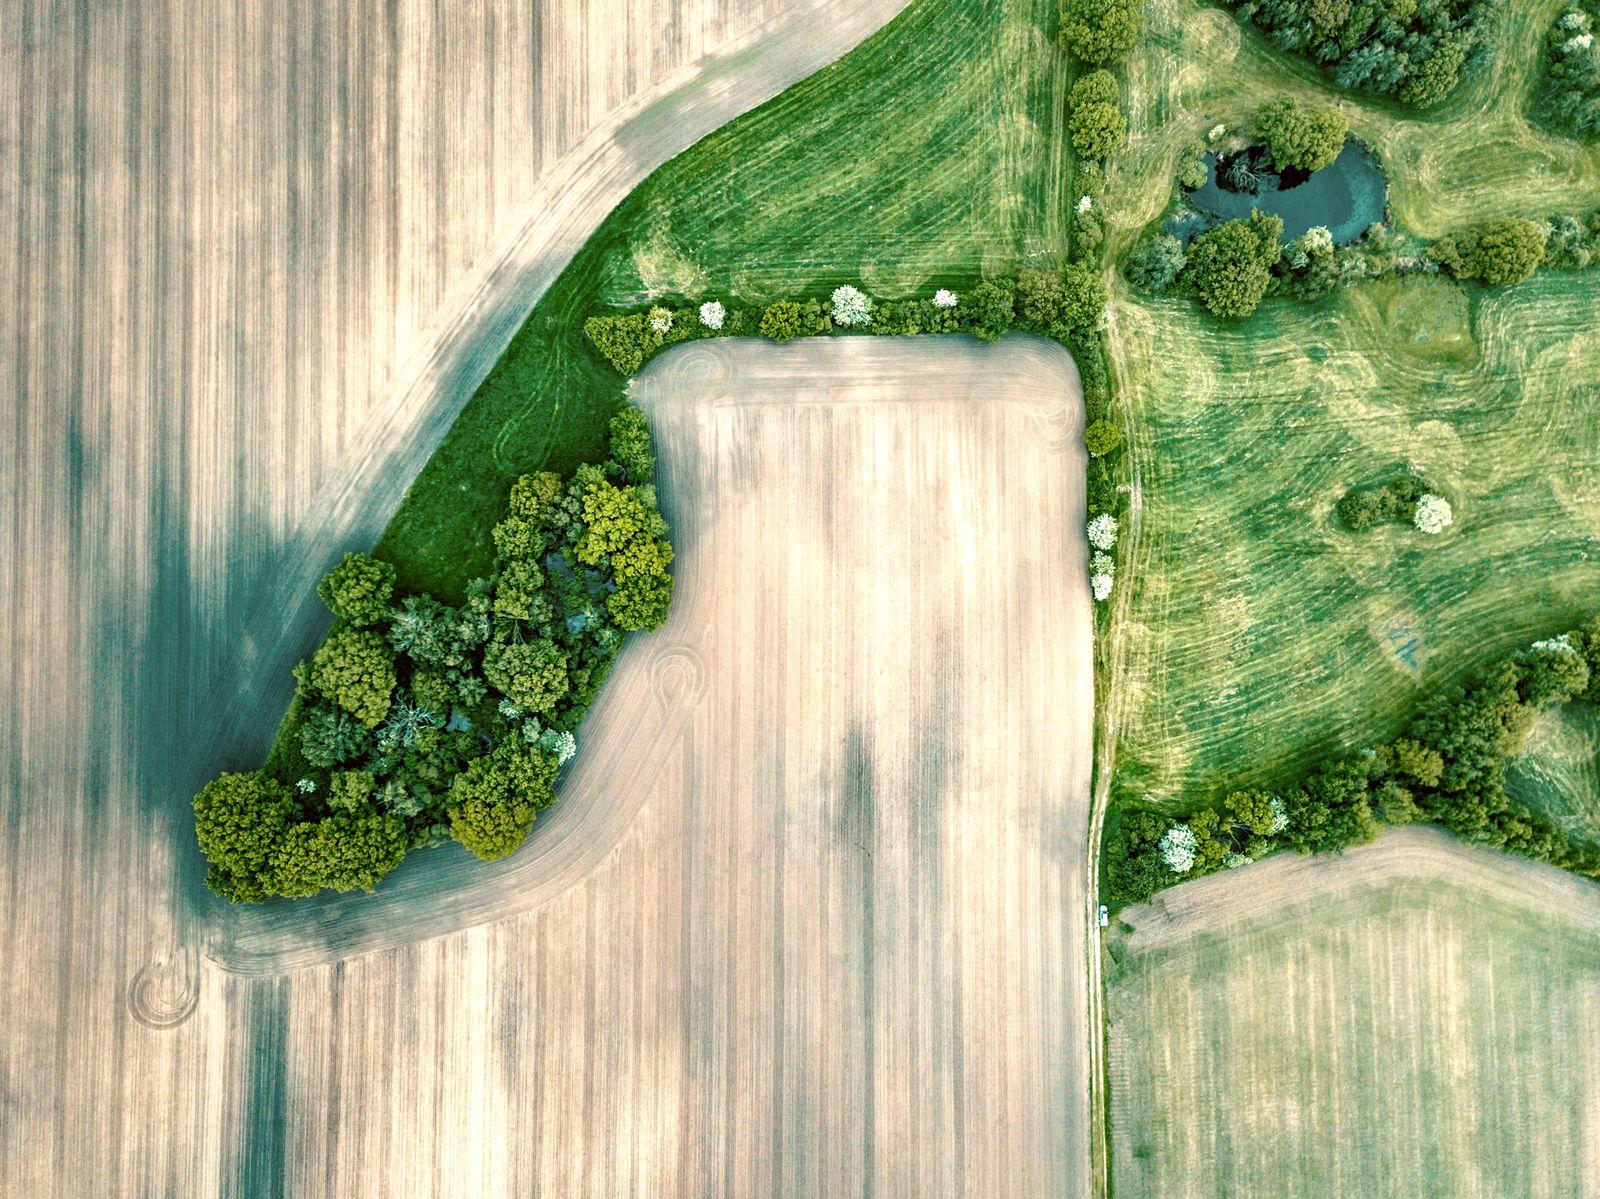 geometry of fields